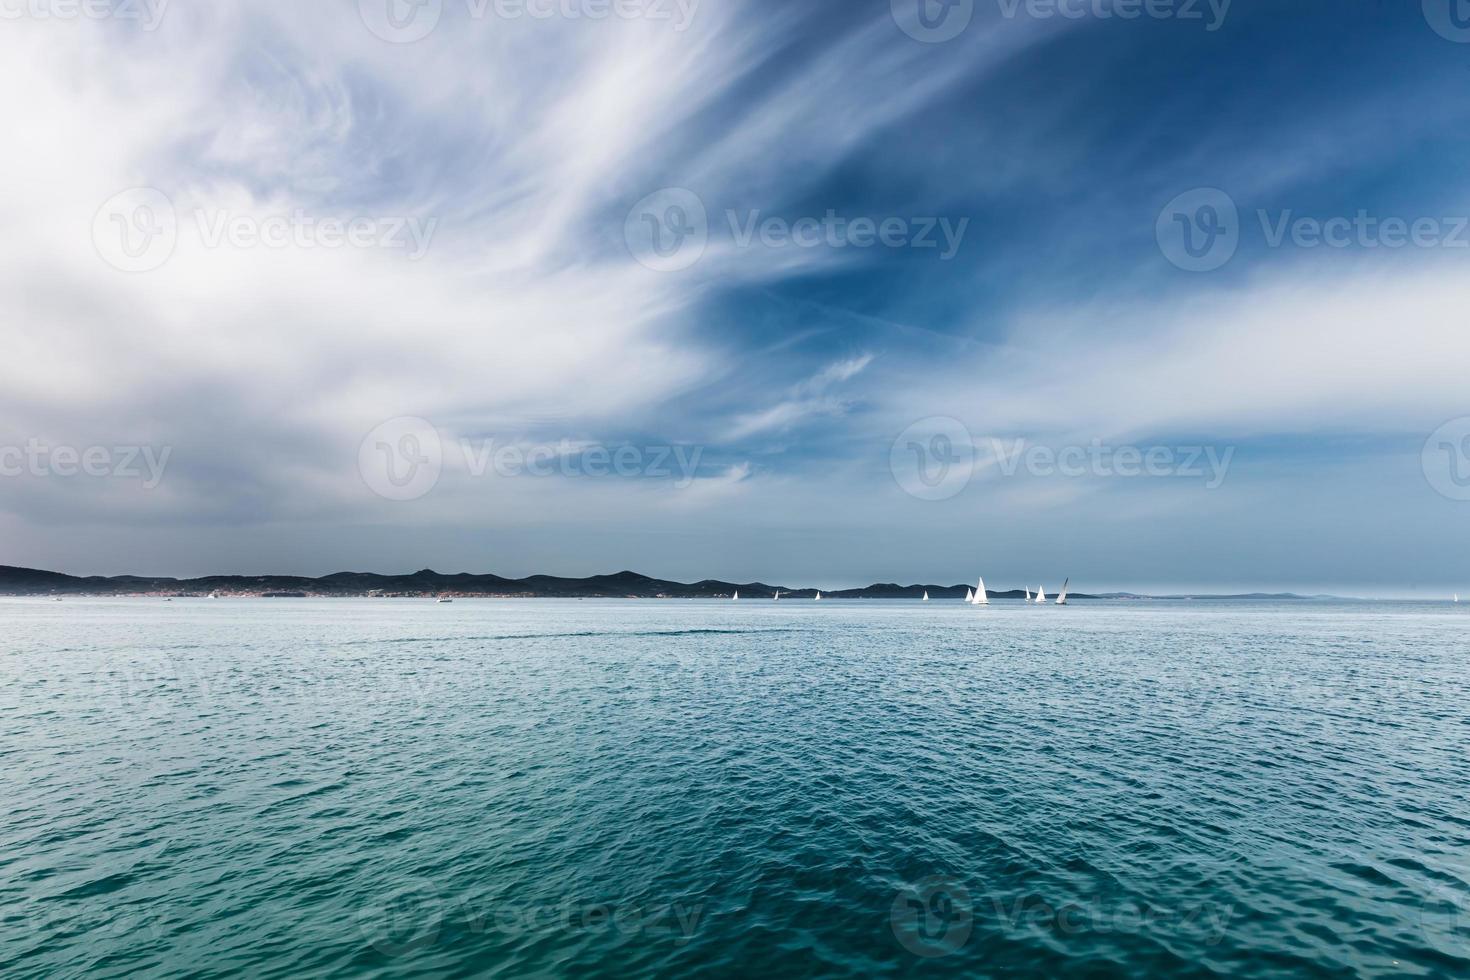 barche a vela sull'acqua, vista sul mare foto